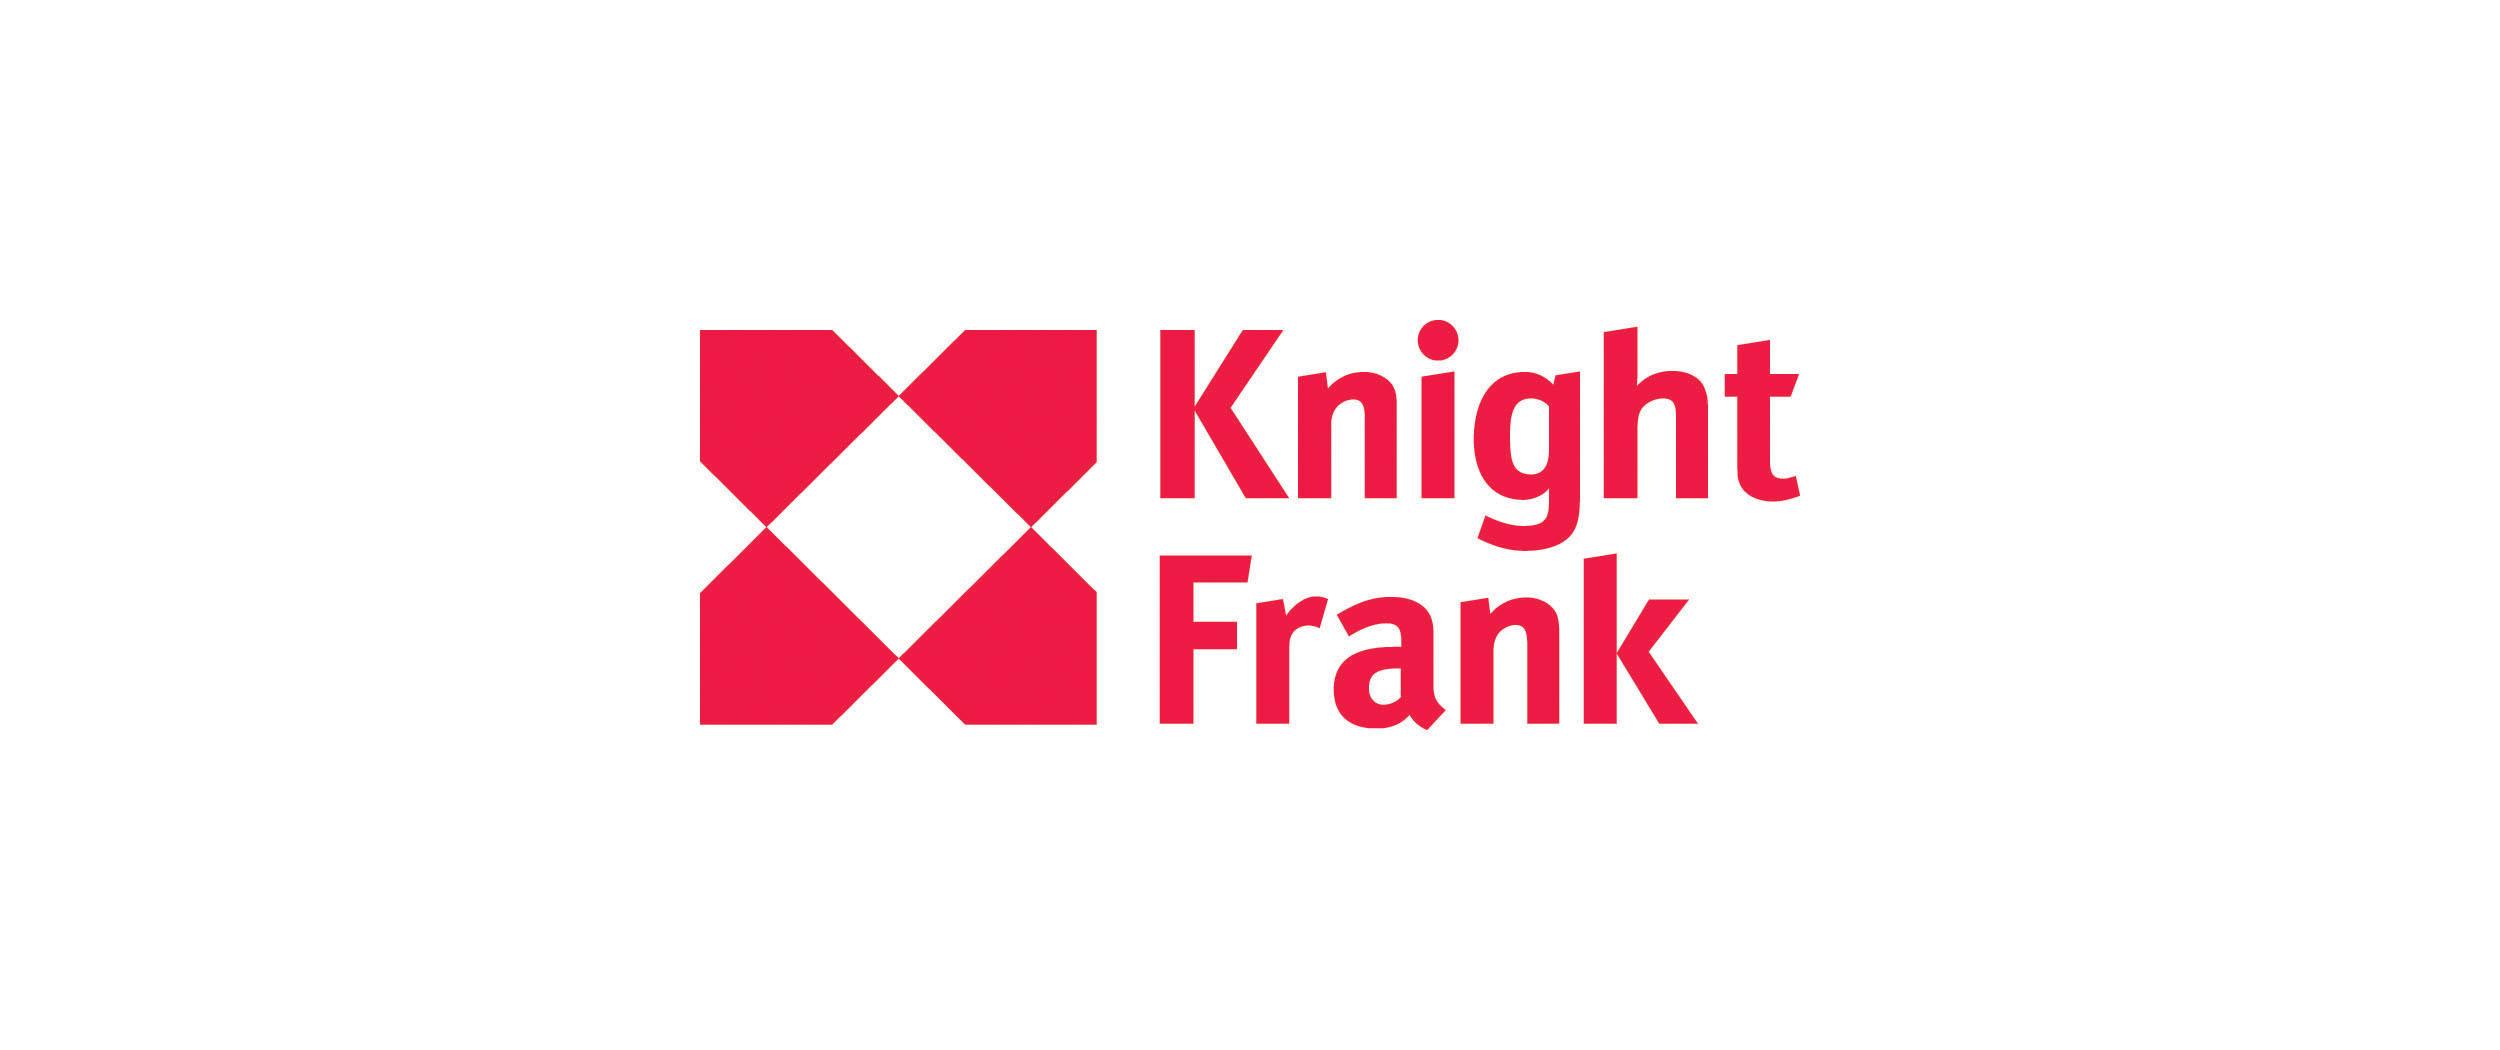 KF Brandmark RED_199.jpg